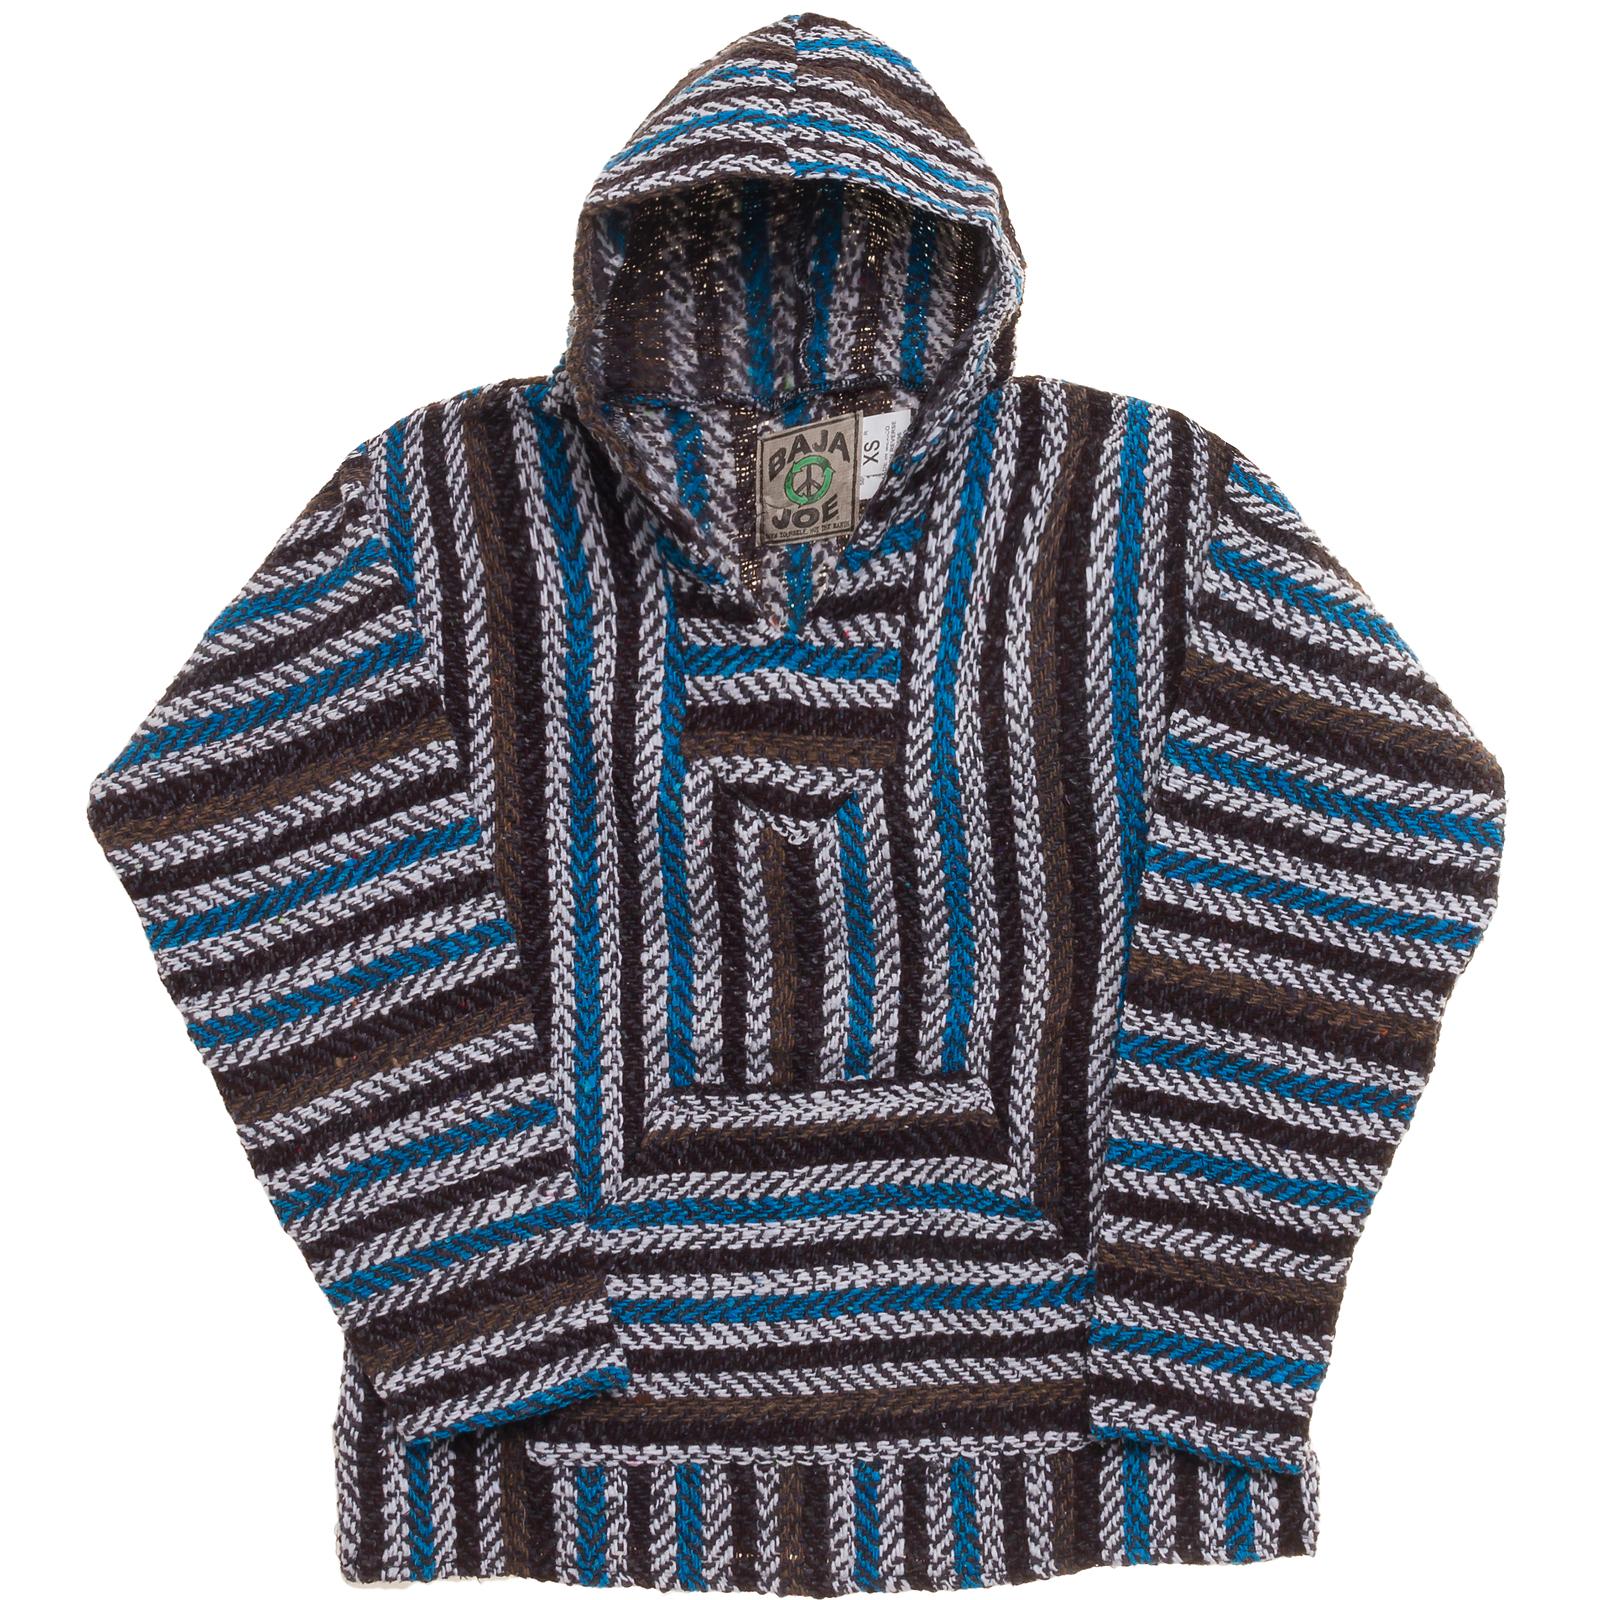 Jamaican hoodies